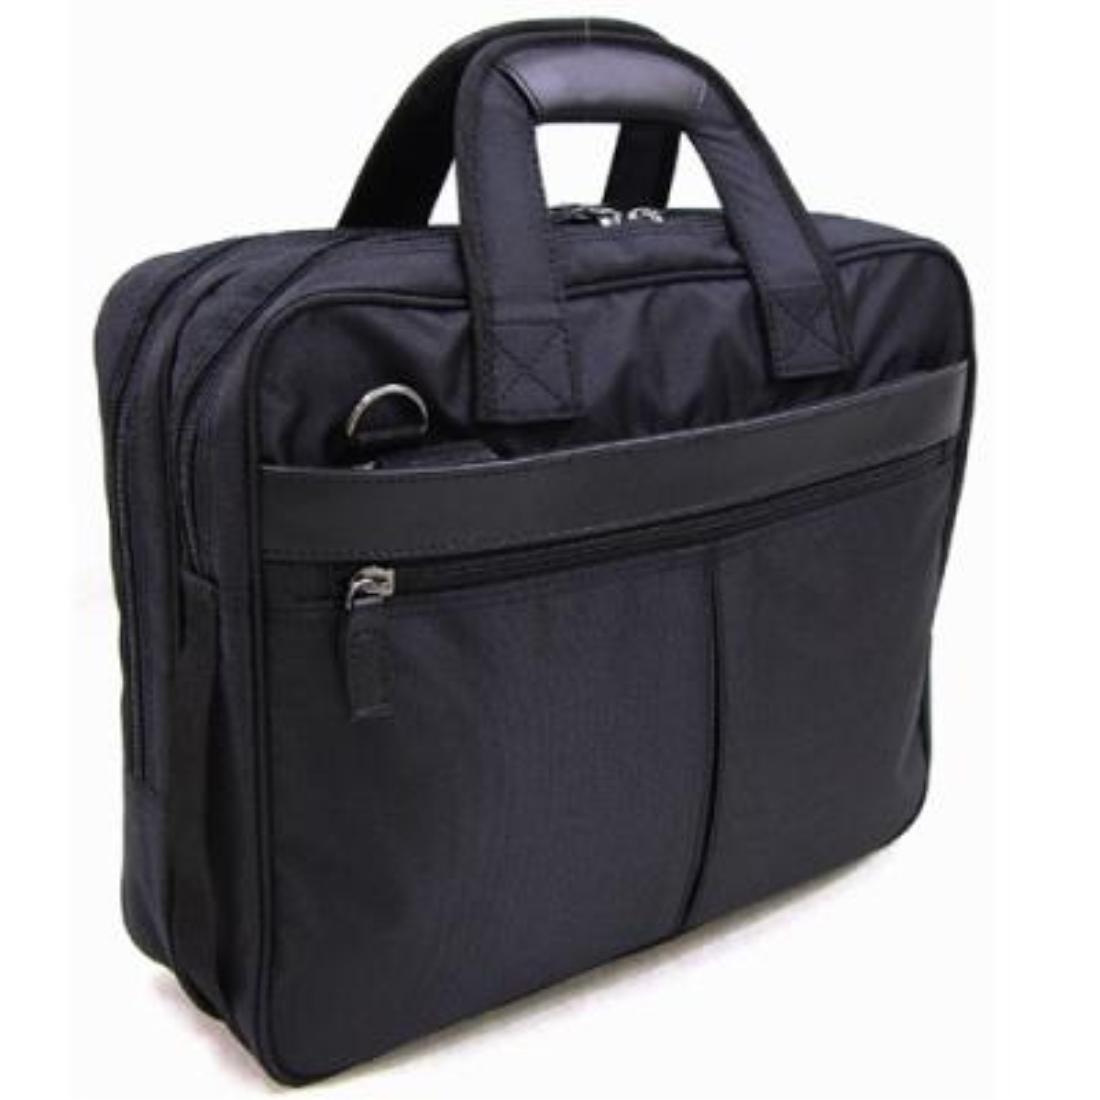 おしゃれ デザイン バッグ 鞄 革 ビジネス 通勤カバン 通勤 カジュアル 本革 付属 軽量軽量撥水ナイロン ビジネスバッグ ブラック